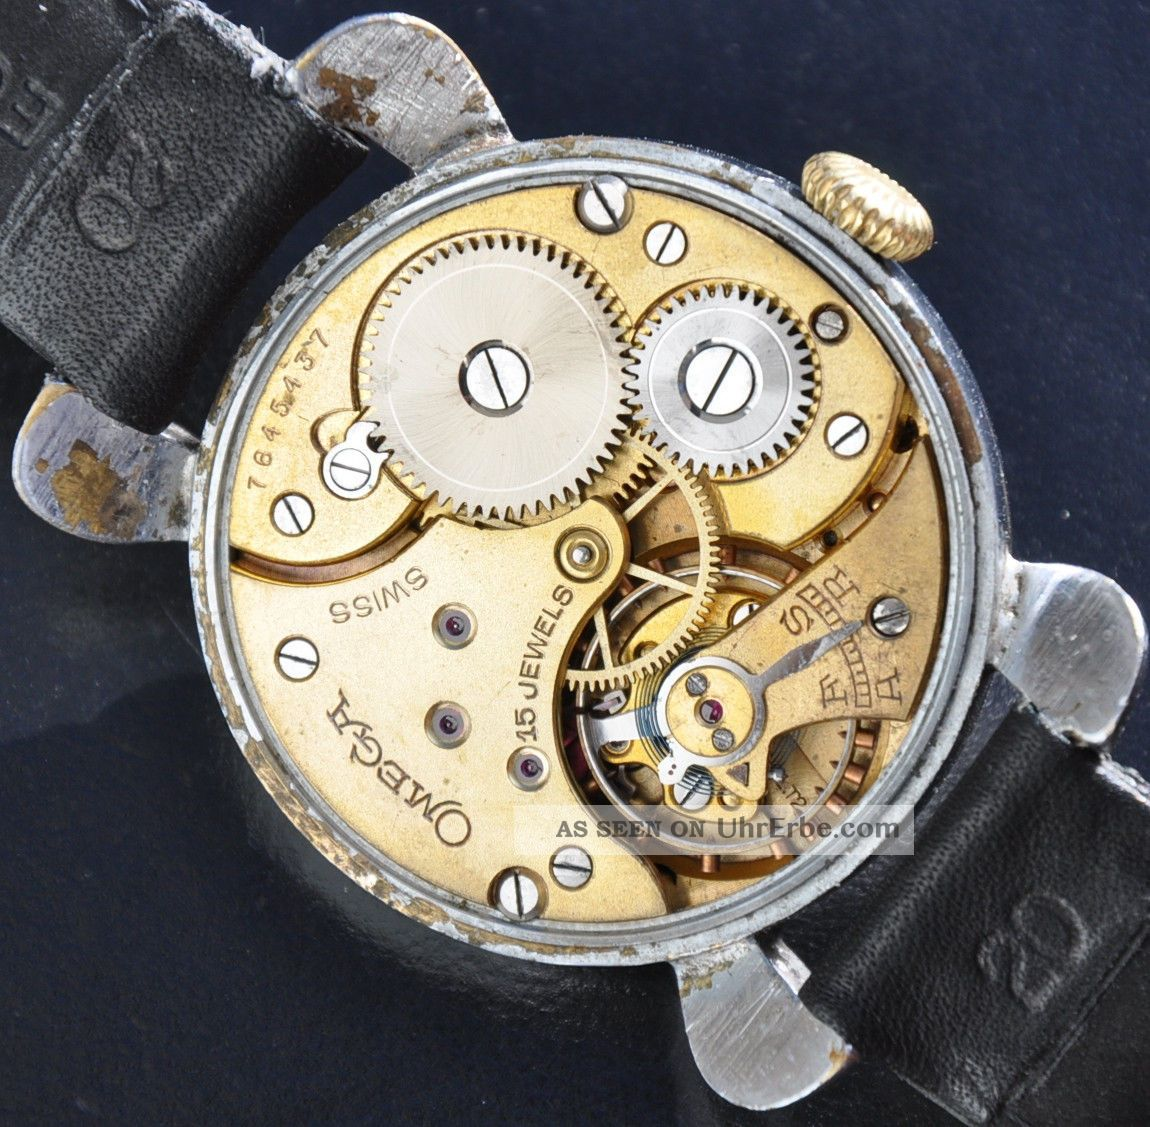 Vintage Omega Militäruhr Herrenuhr Armbanduhren Bild